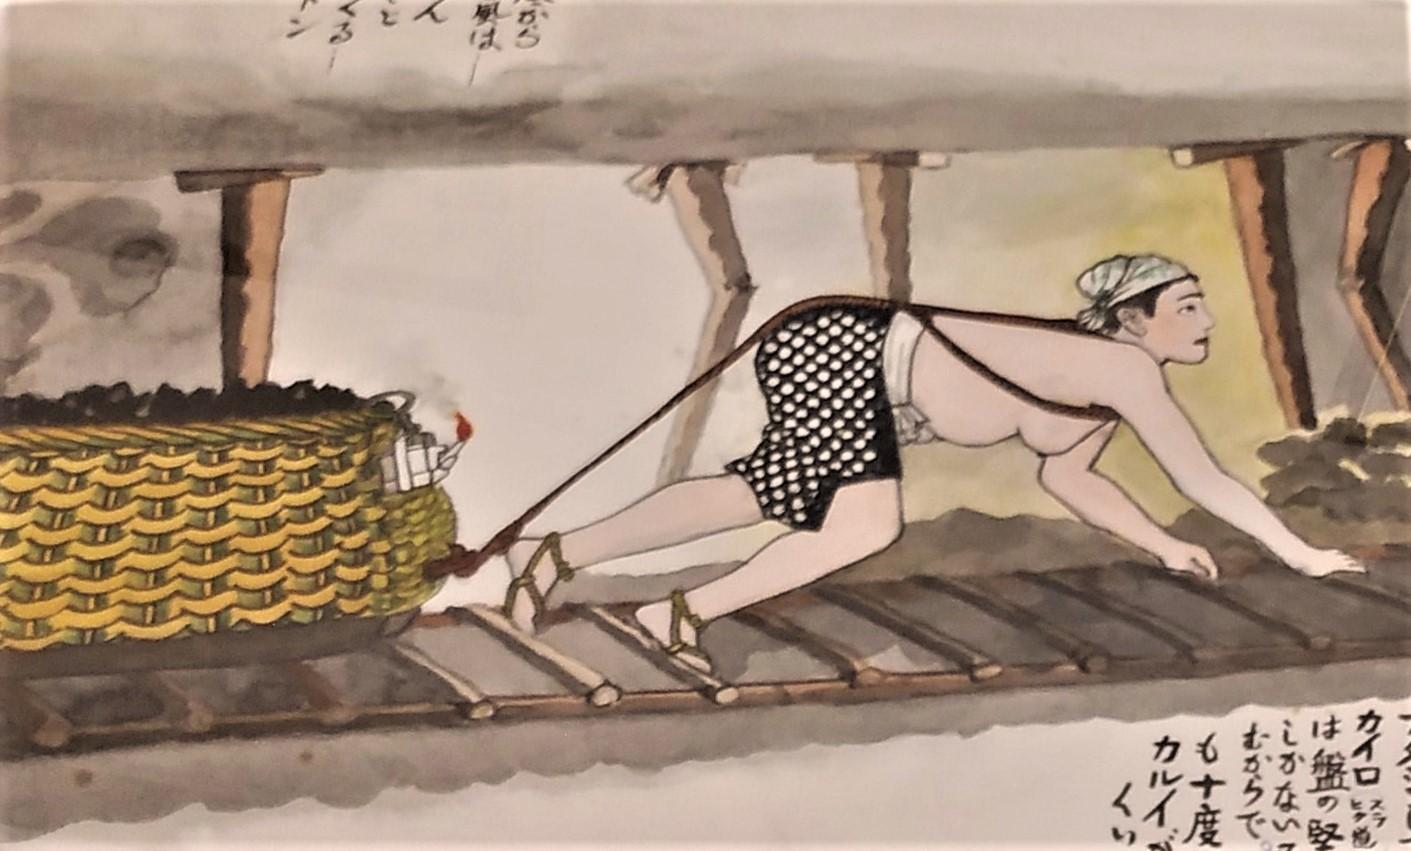 山本作兵衛の描いた筑豊炭鉱の男女たち_c0166264_16503996.jpg